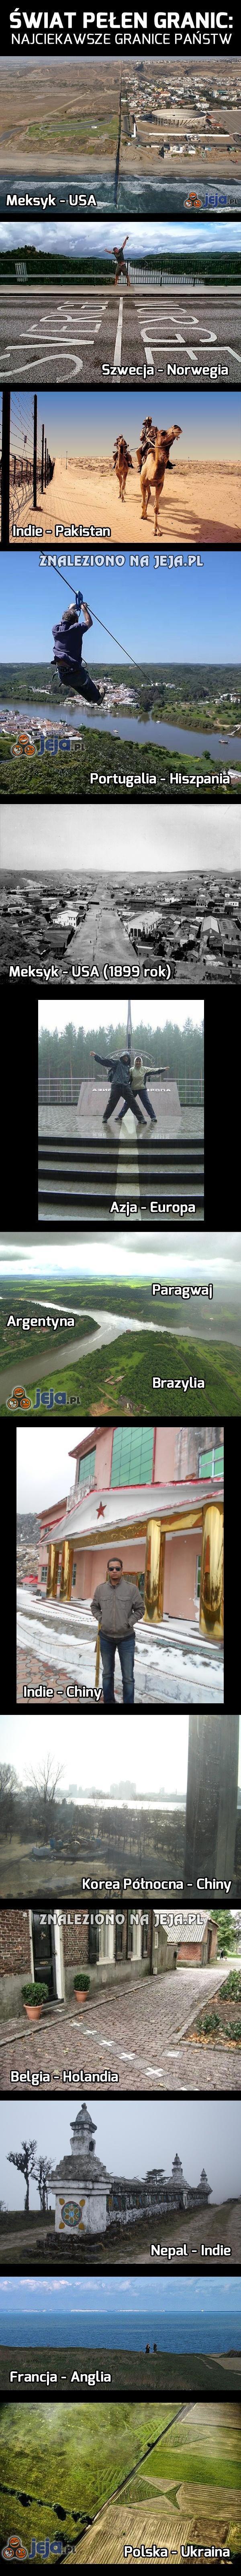 Świat pełen granic